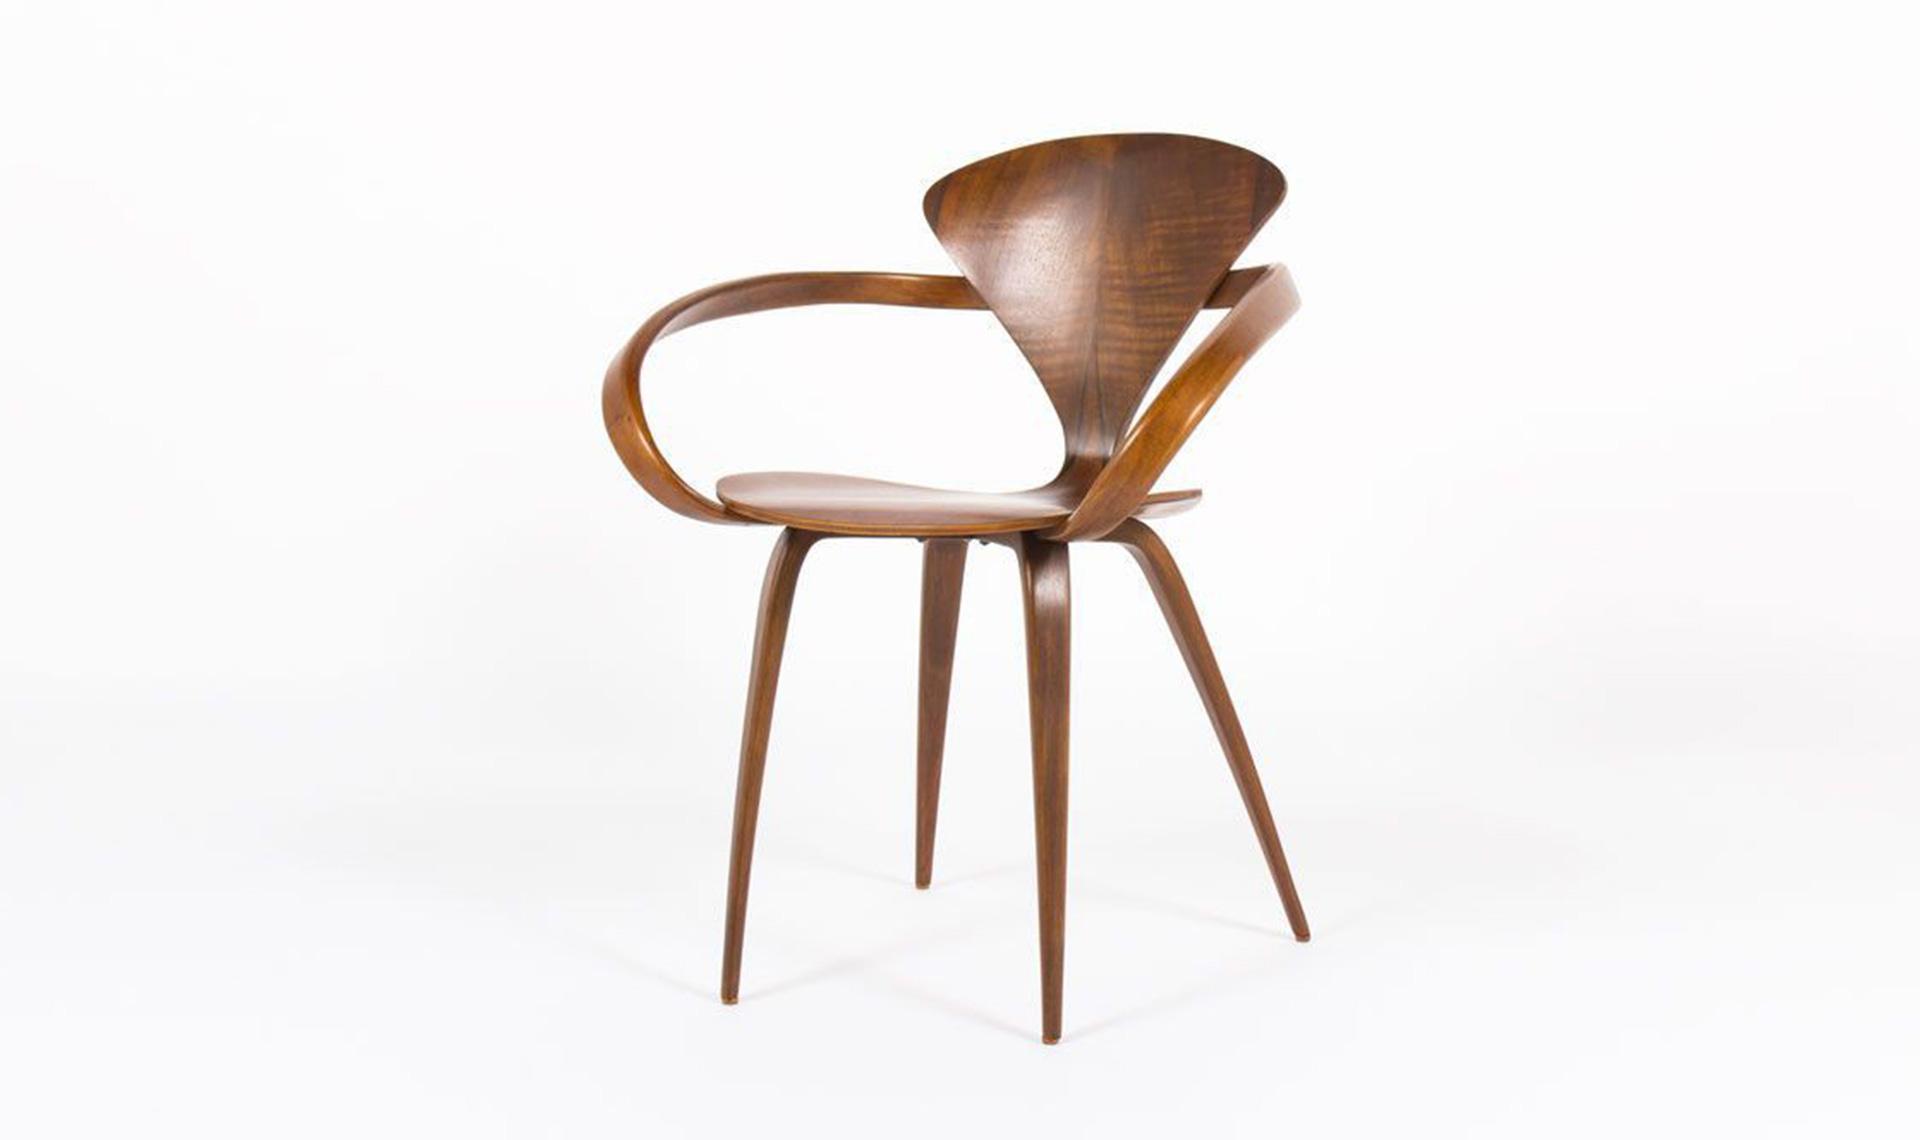 100 лет дизайна: стул Нормана Чернера